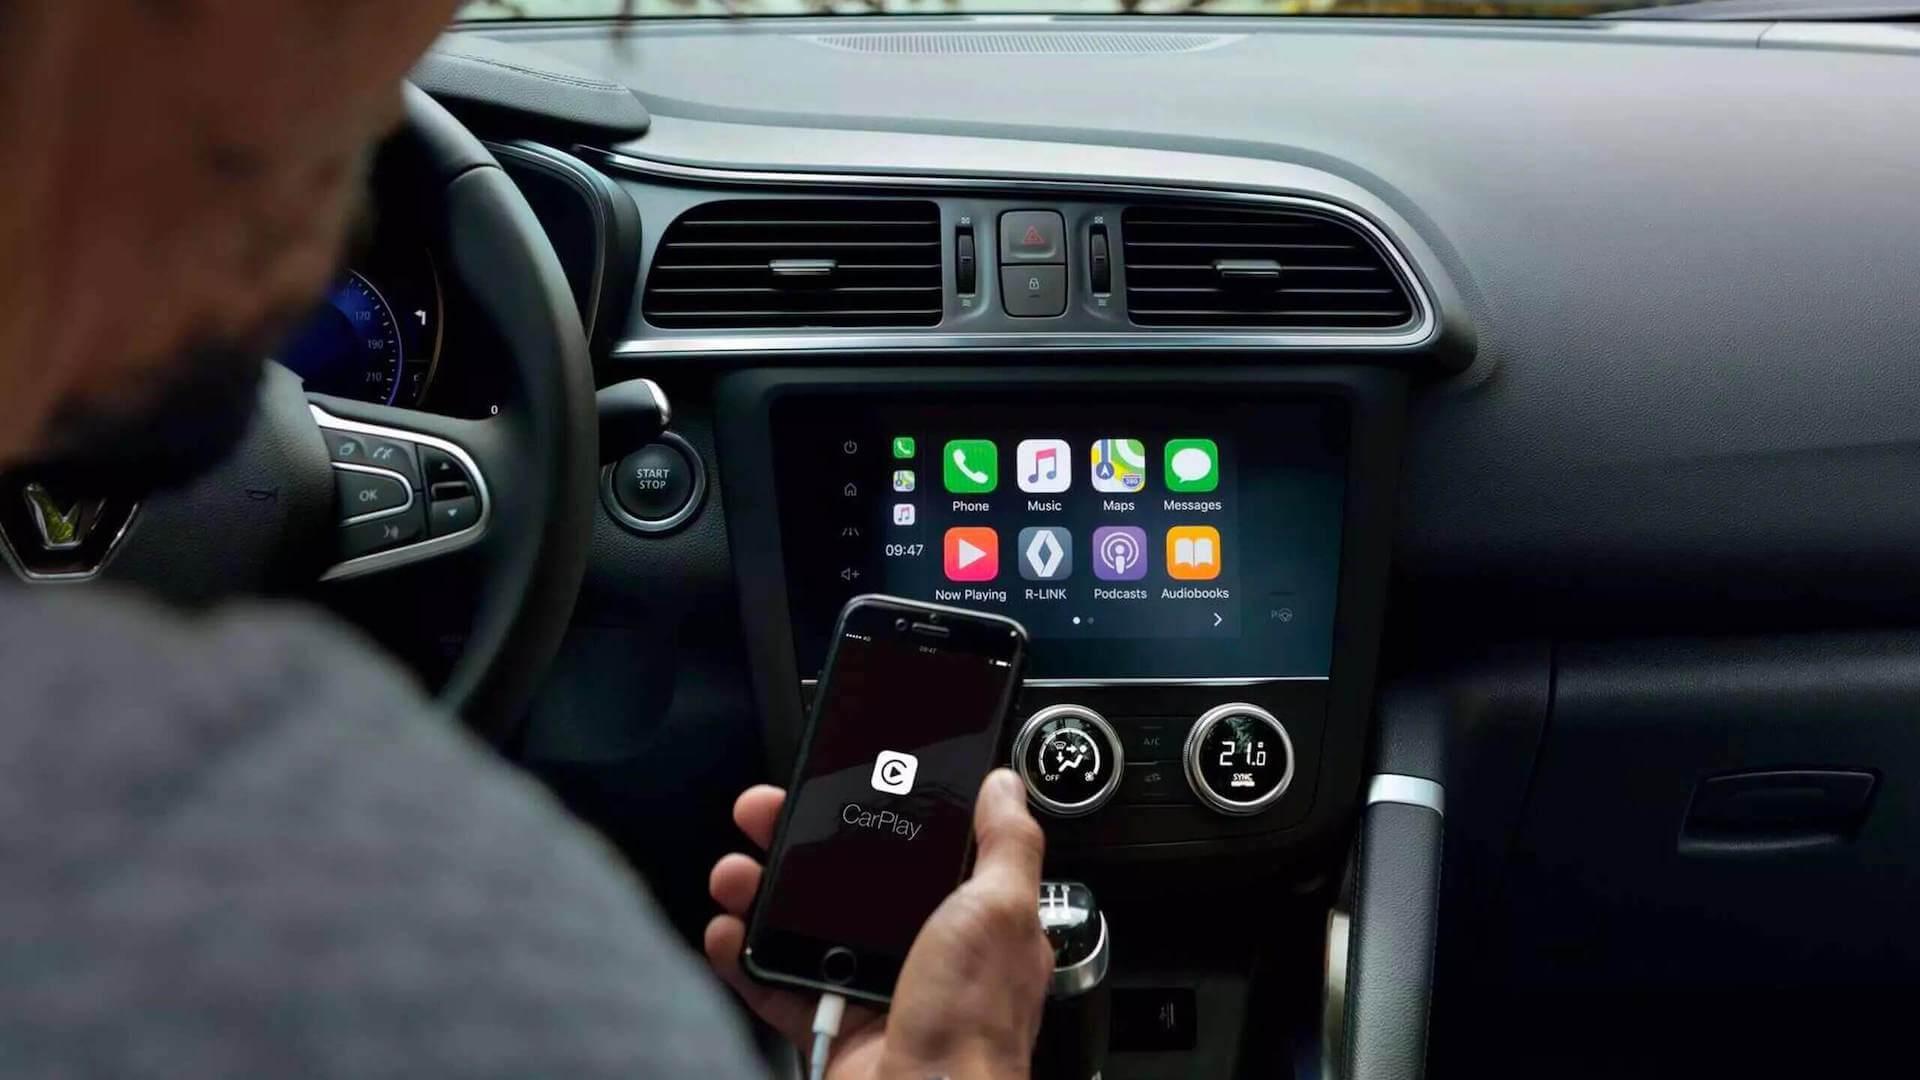 Innenraum vom Auto - Handy wird geladen - Renault Kadjar - Renault Ahrens Hannover